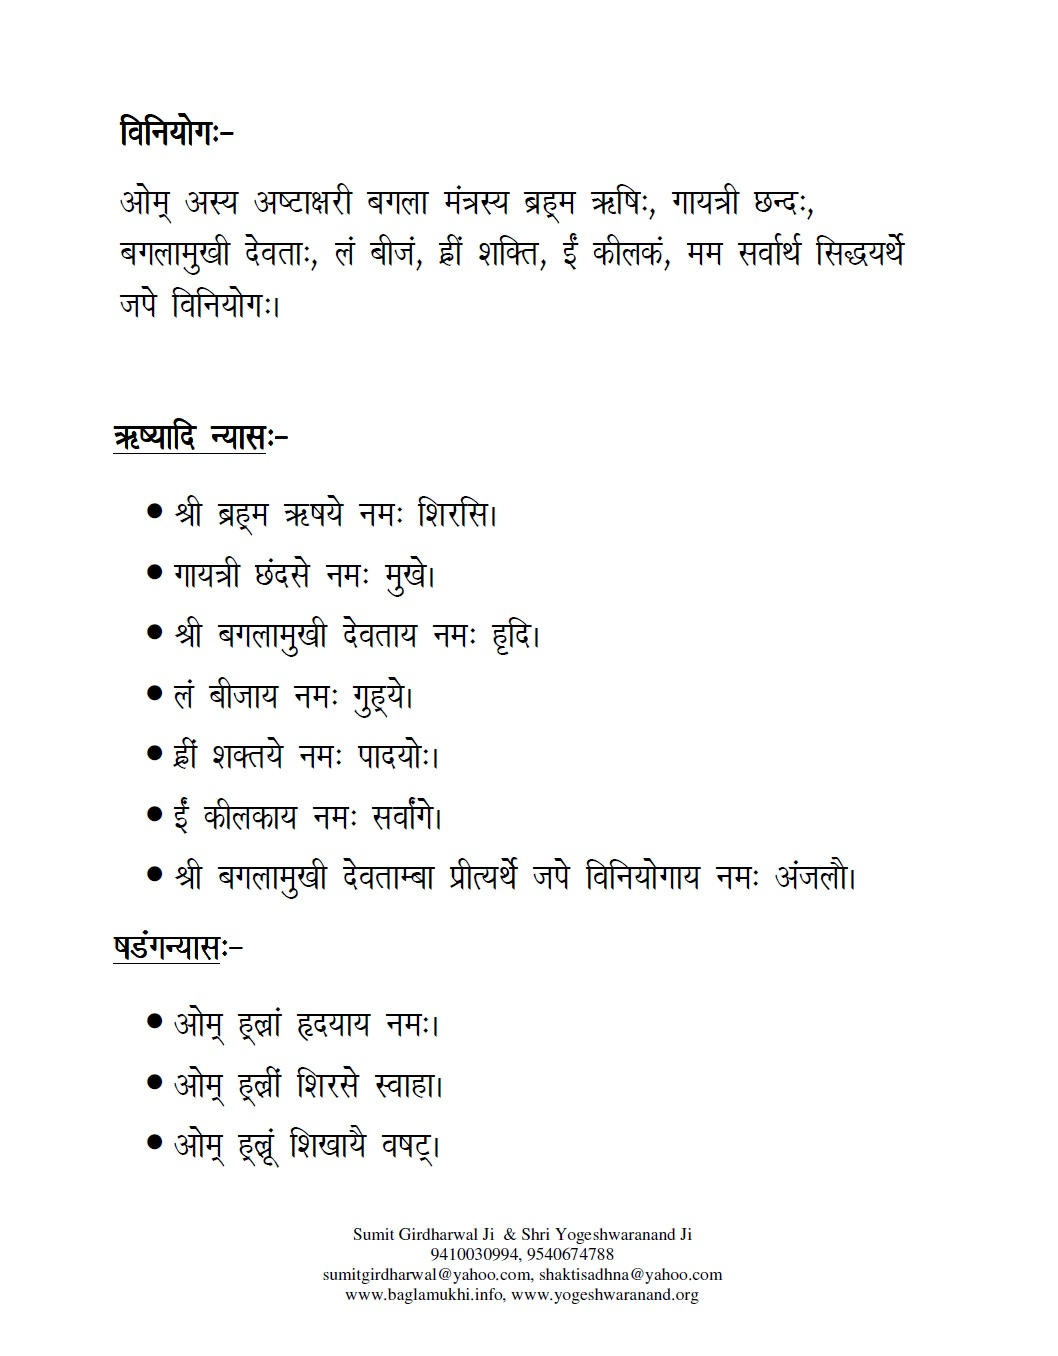 Baglamukhi (Pitambara ) Ashtakshari Mantra Sadhana Evam Siddhi in